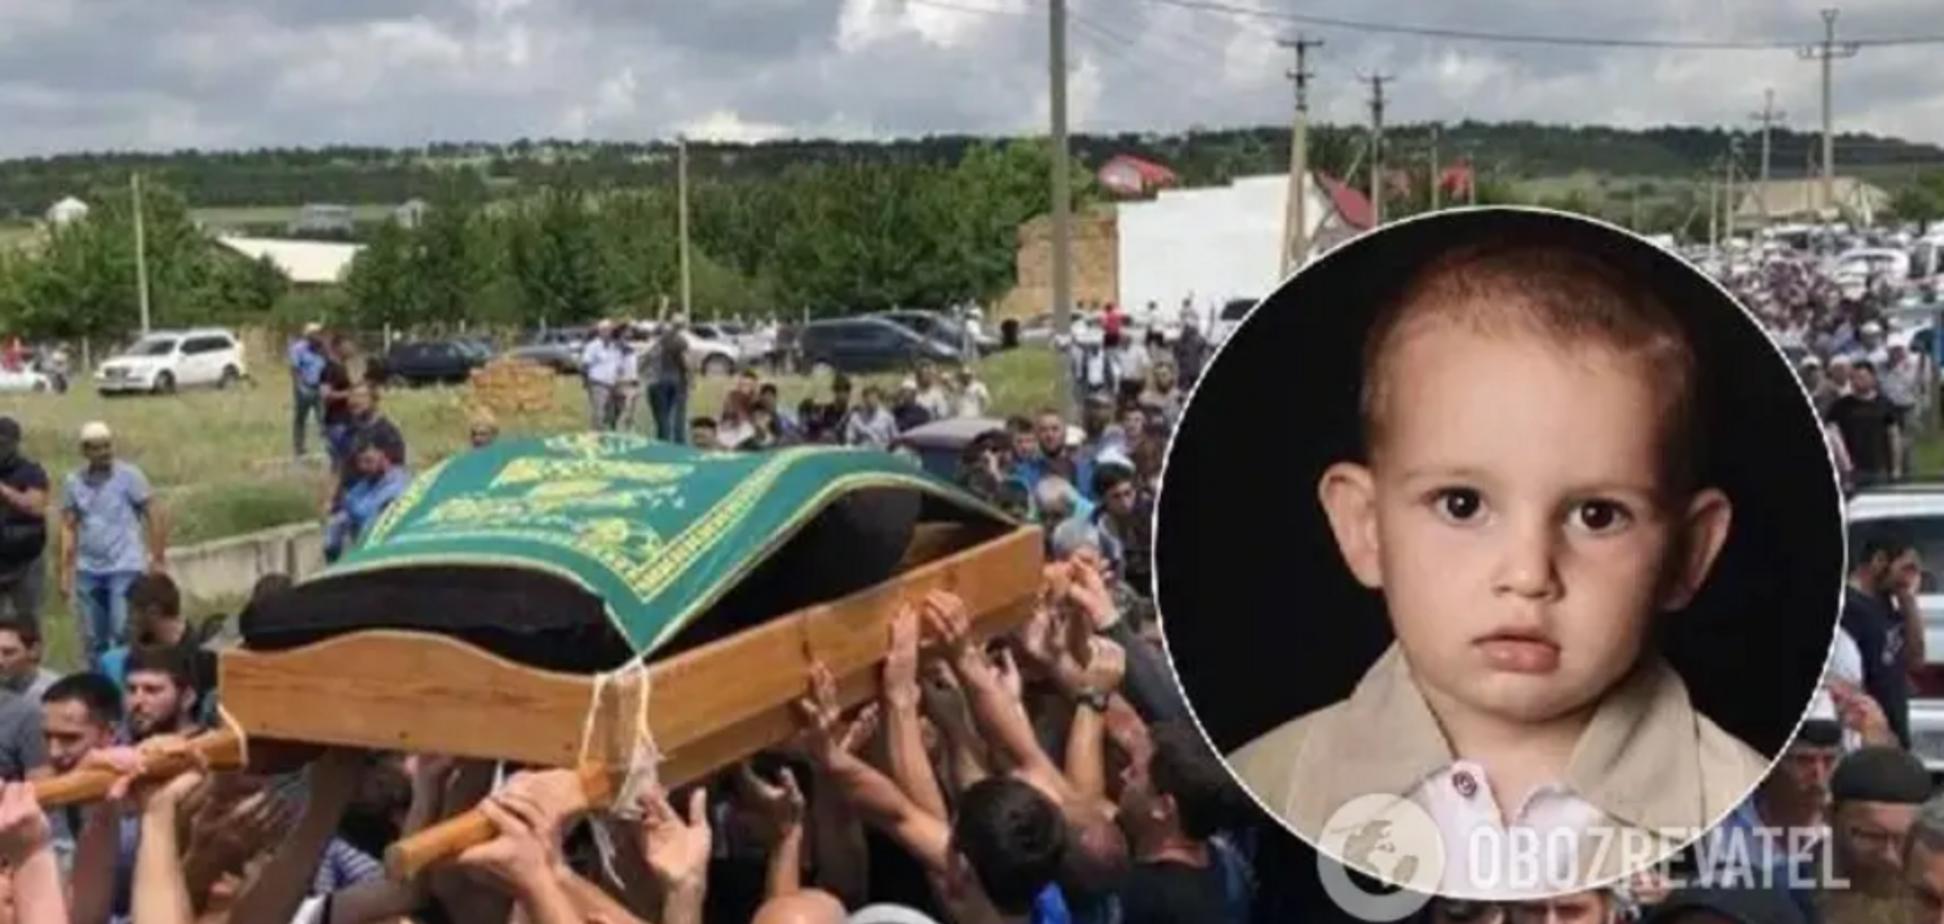 Смерть 3-летнего Мусы: адвокат рассказала, как ФСБ не отпустила политзаключенного похоронить сына